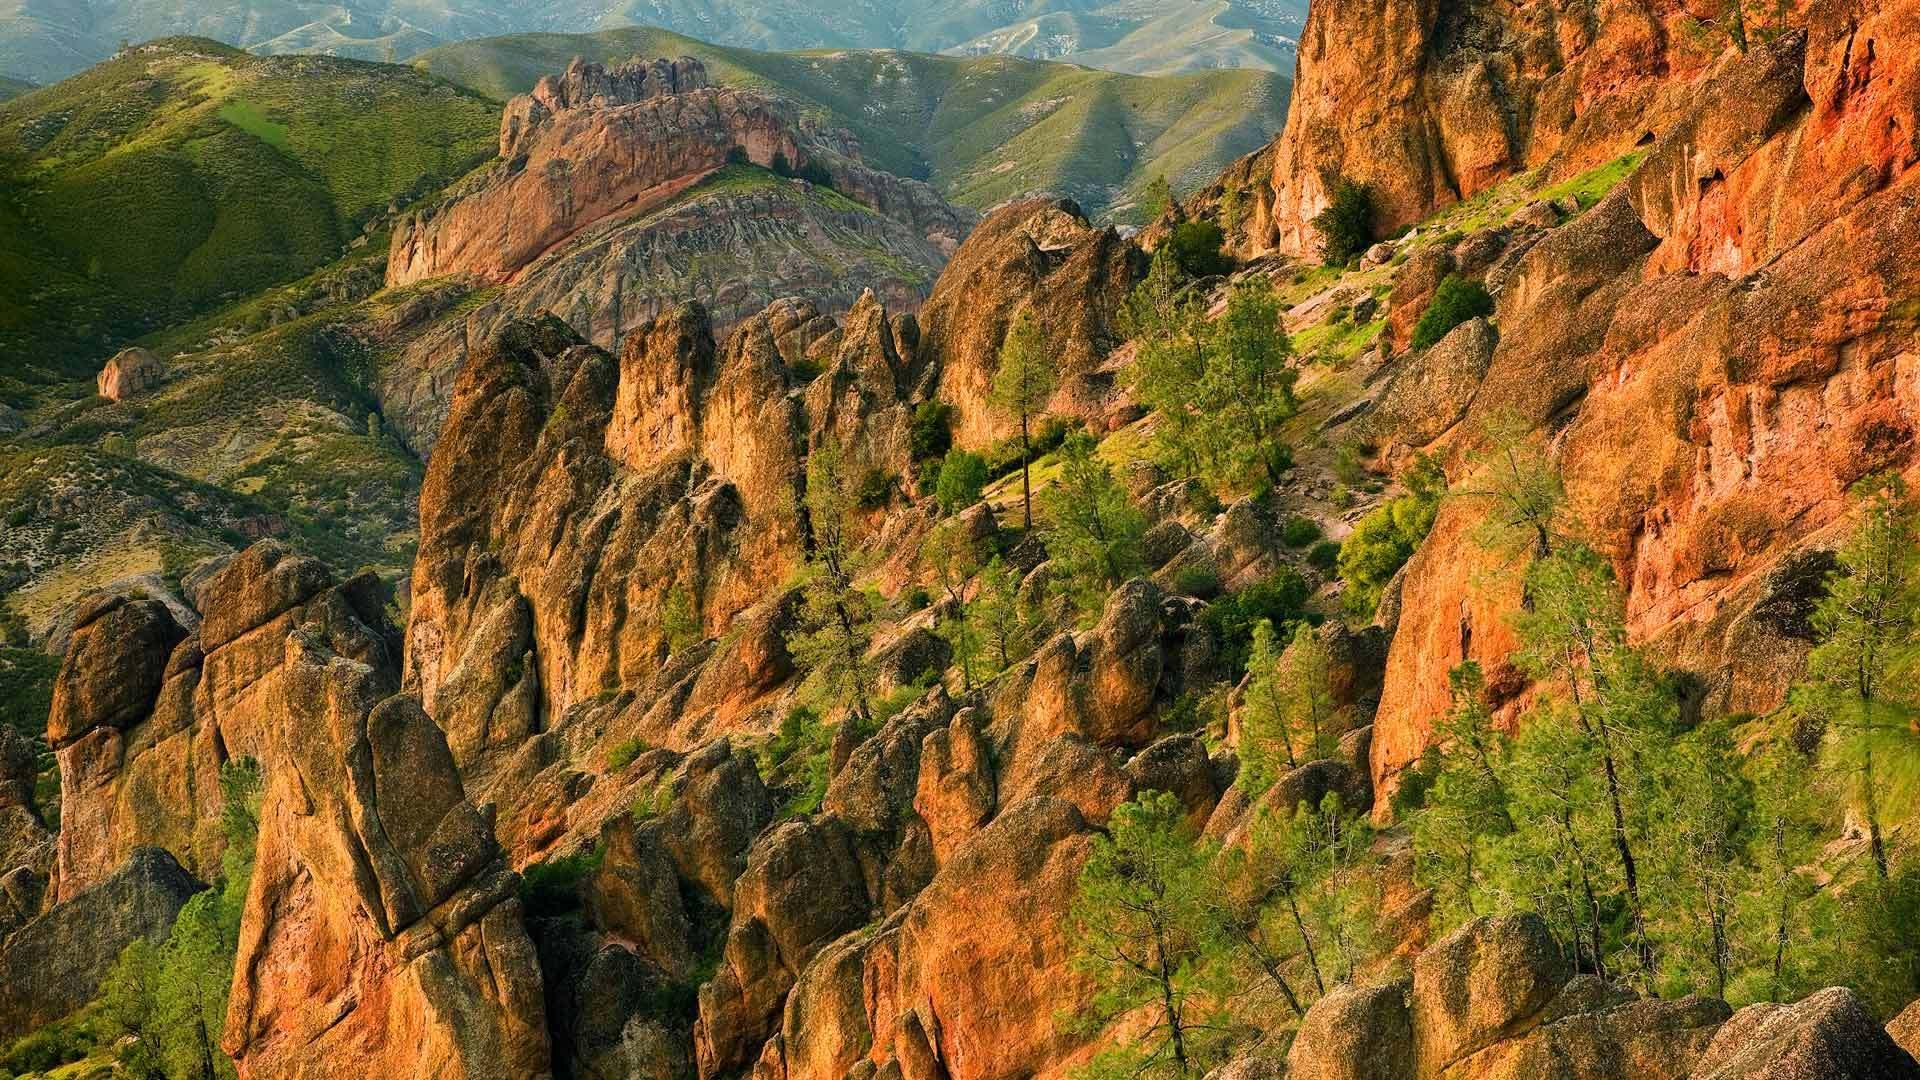 定格了的火山斜坡